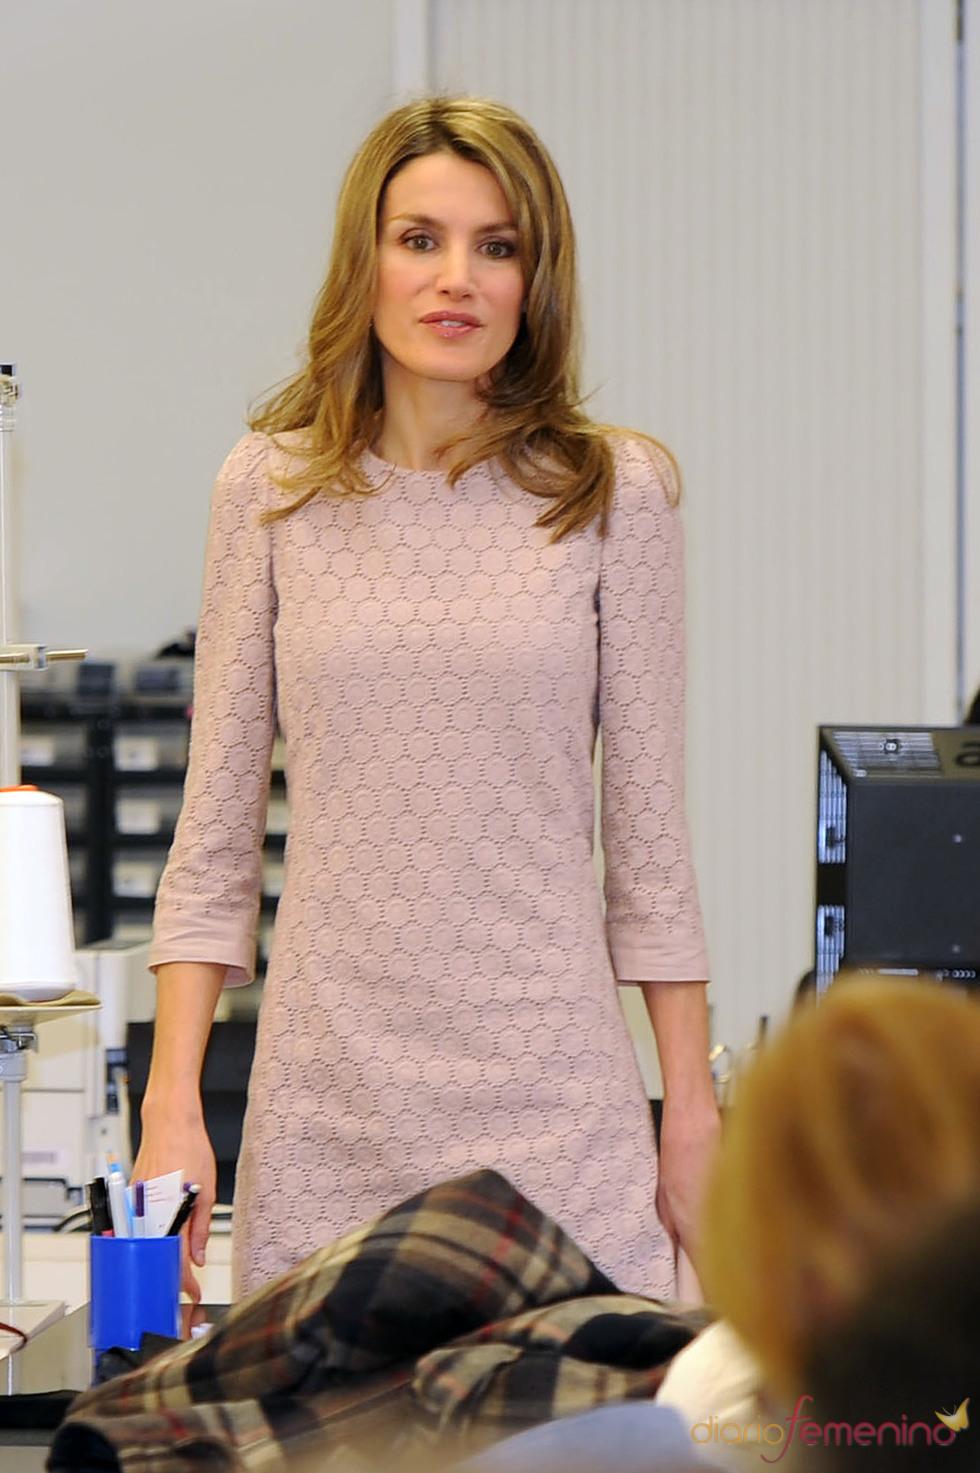 La Princesa Letizia visita las instalaciones de Mango